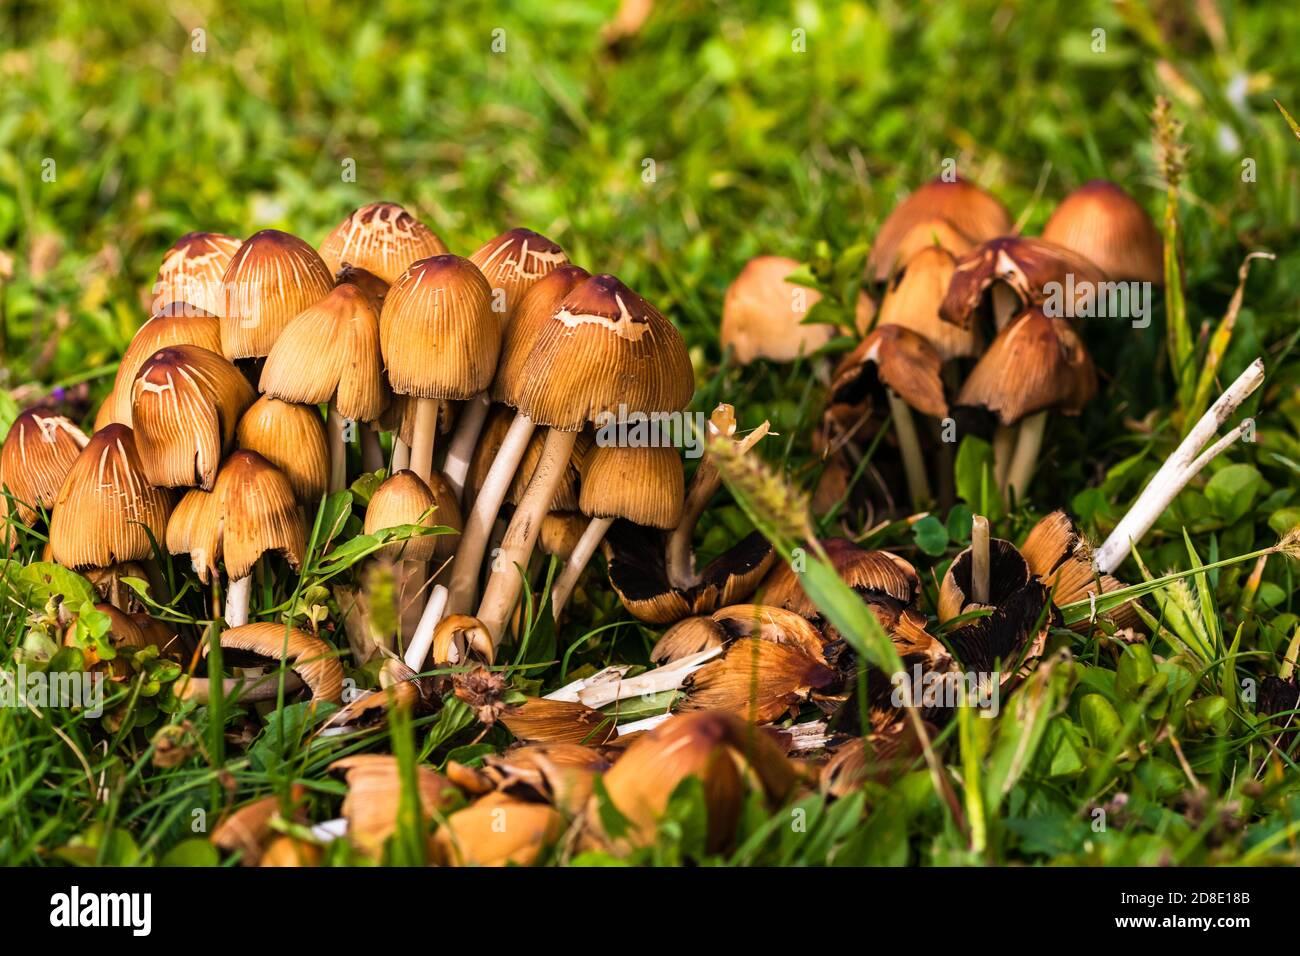 Primo piano di funghi selvatici che crescono in giardino isolato. Foto Stock